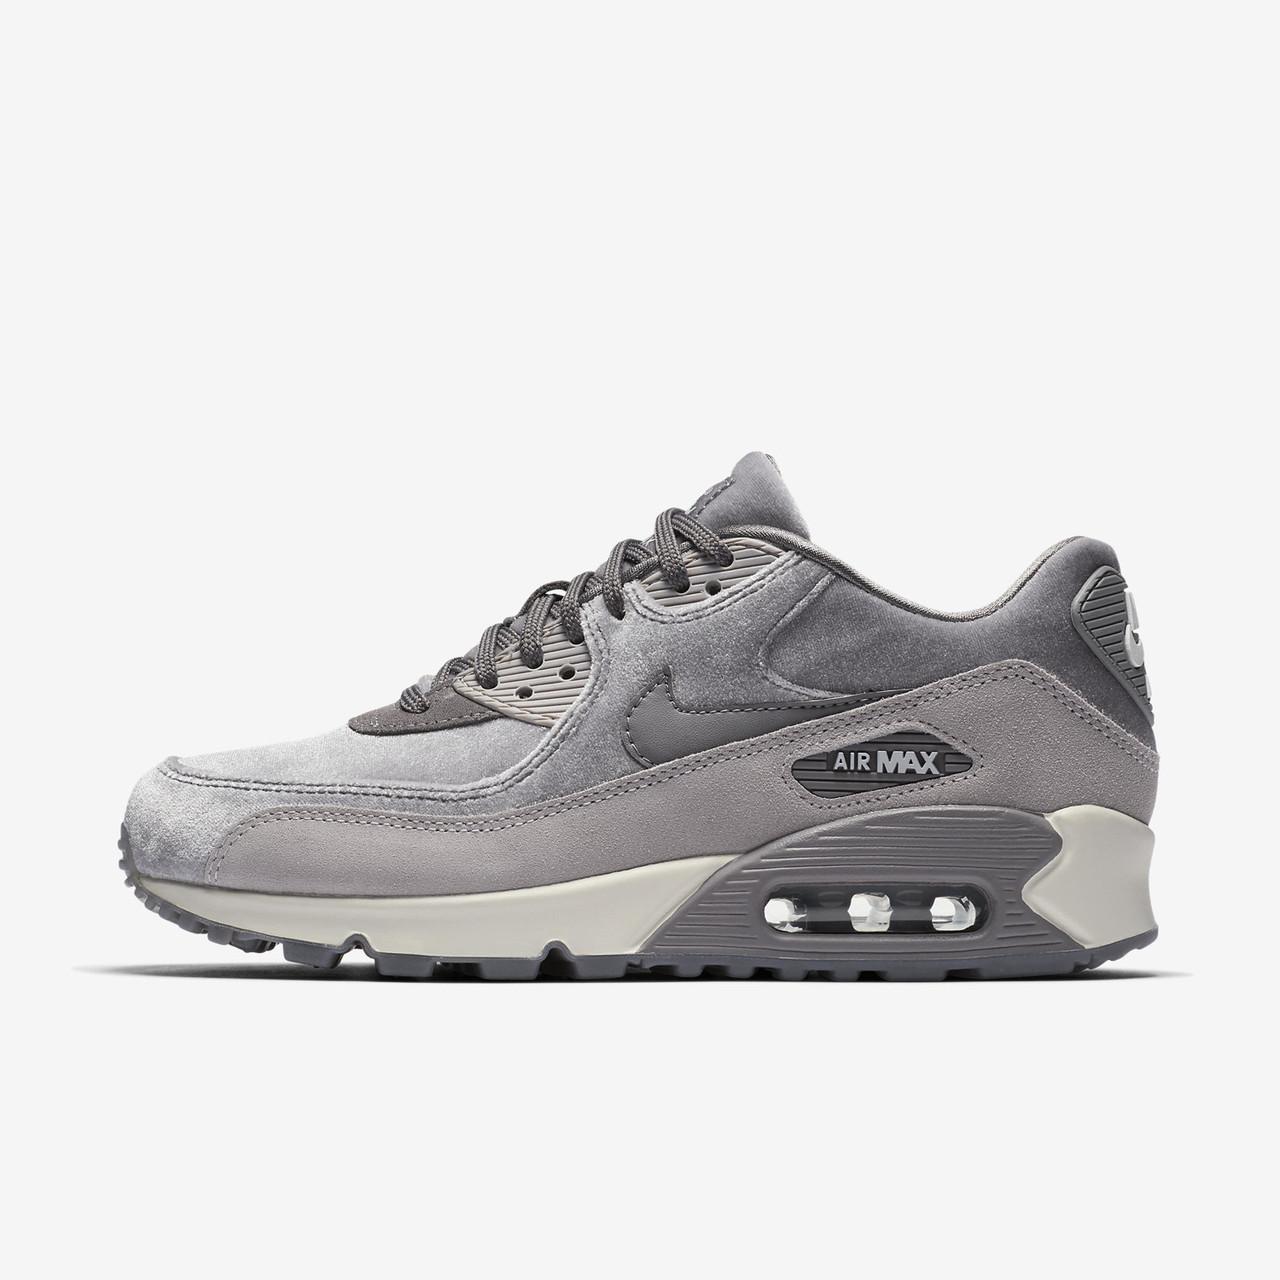 b64c9ab62fd6 Оригинальные женские кроссовки Nike Air Max 90 LX   продажа, цена в ...